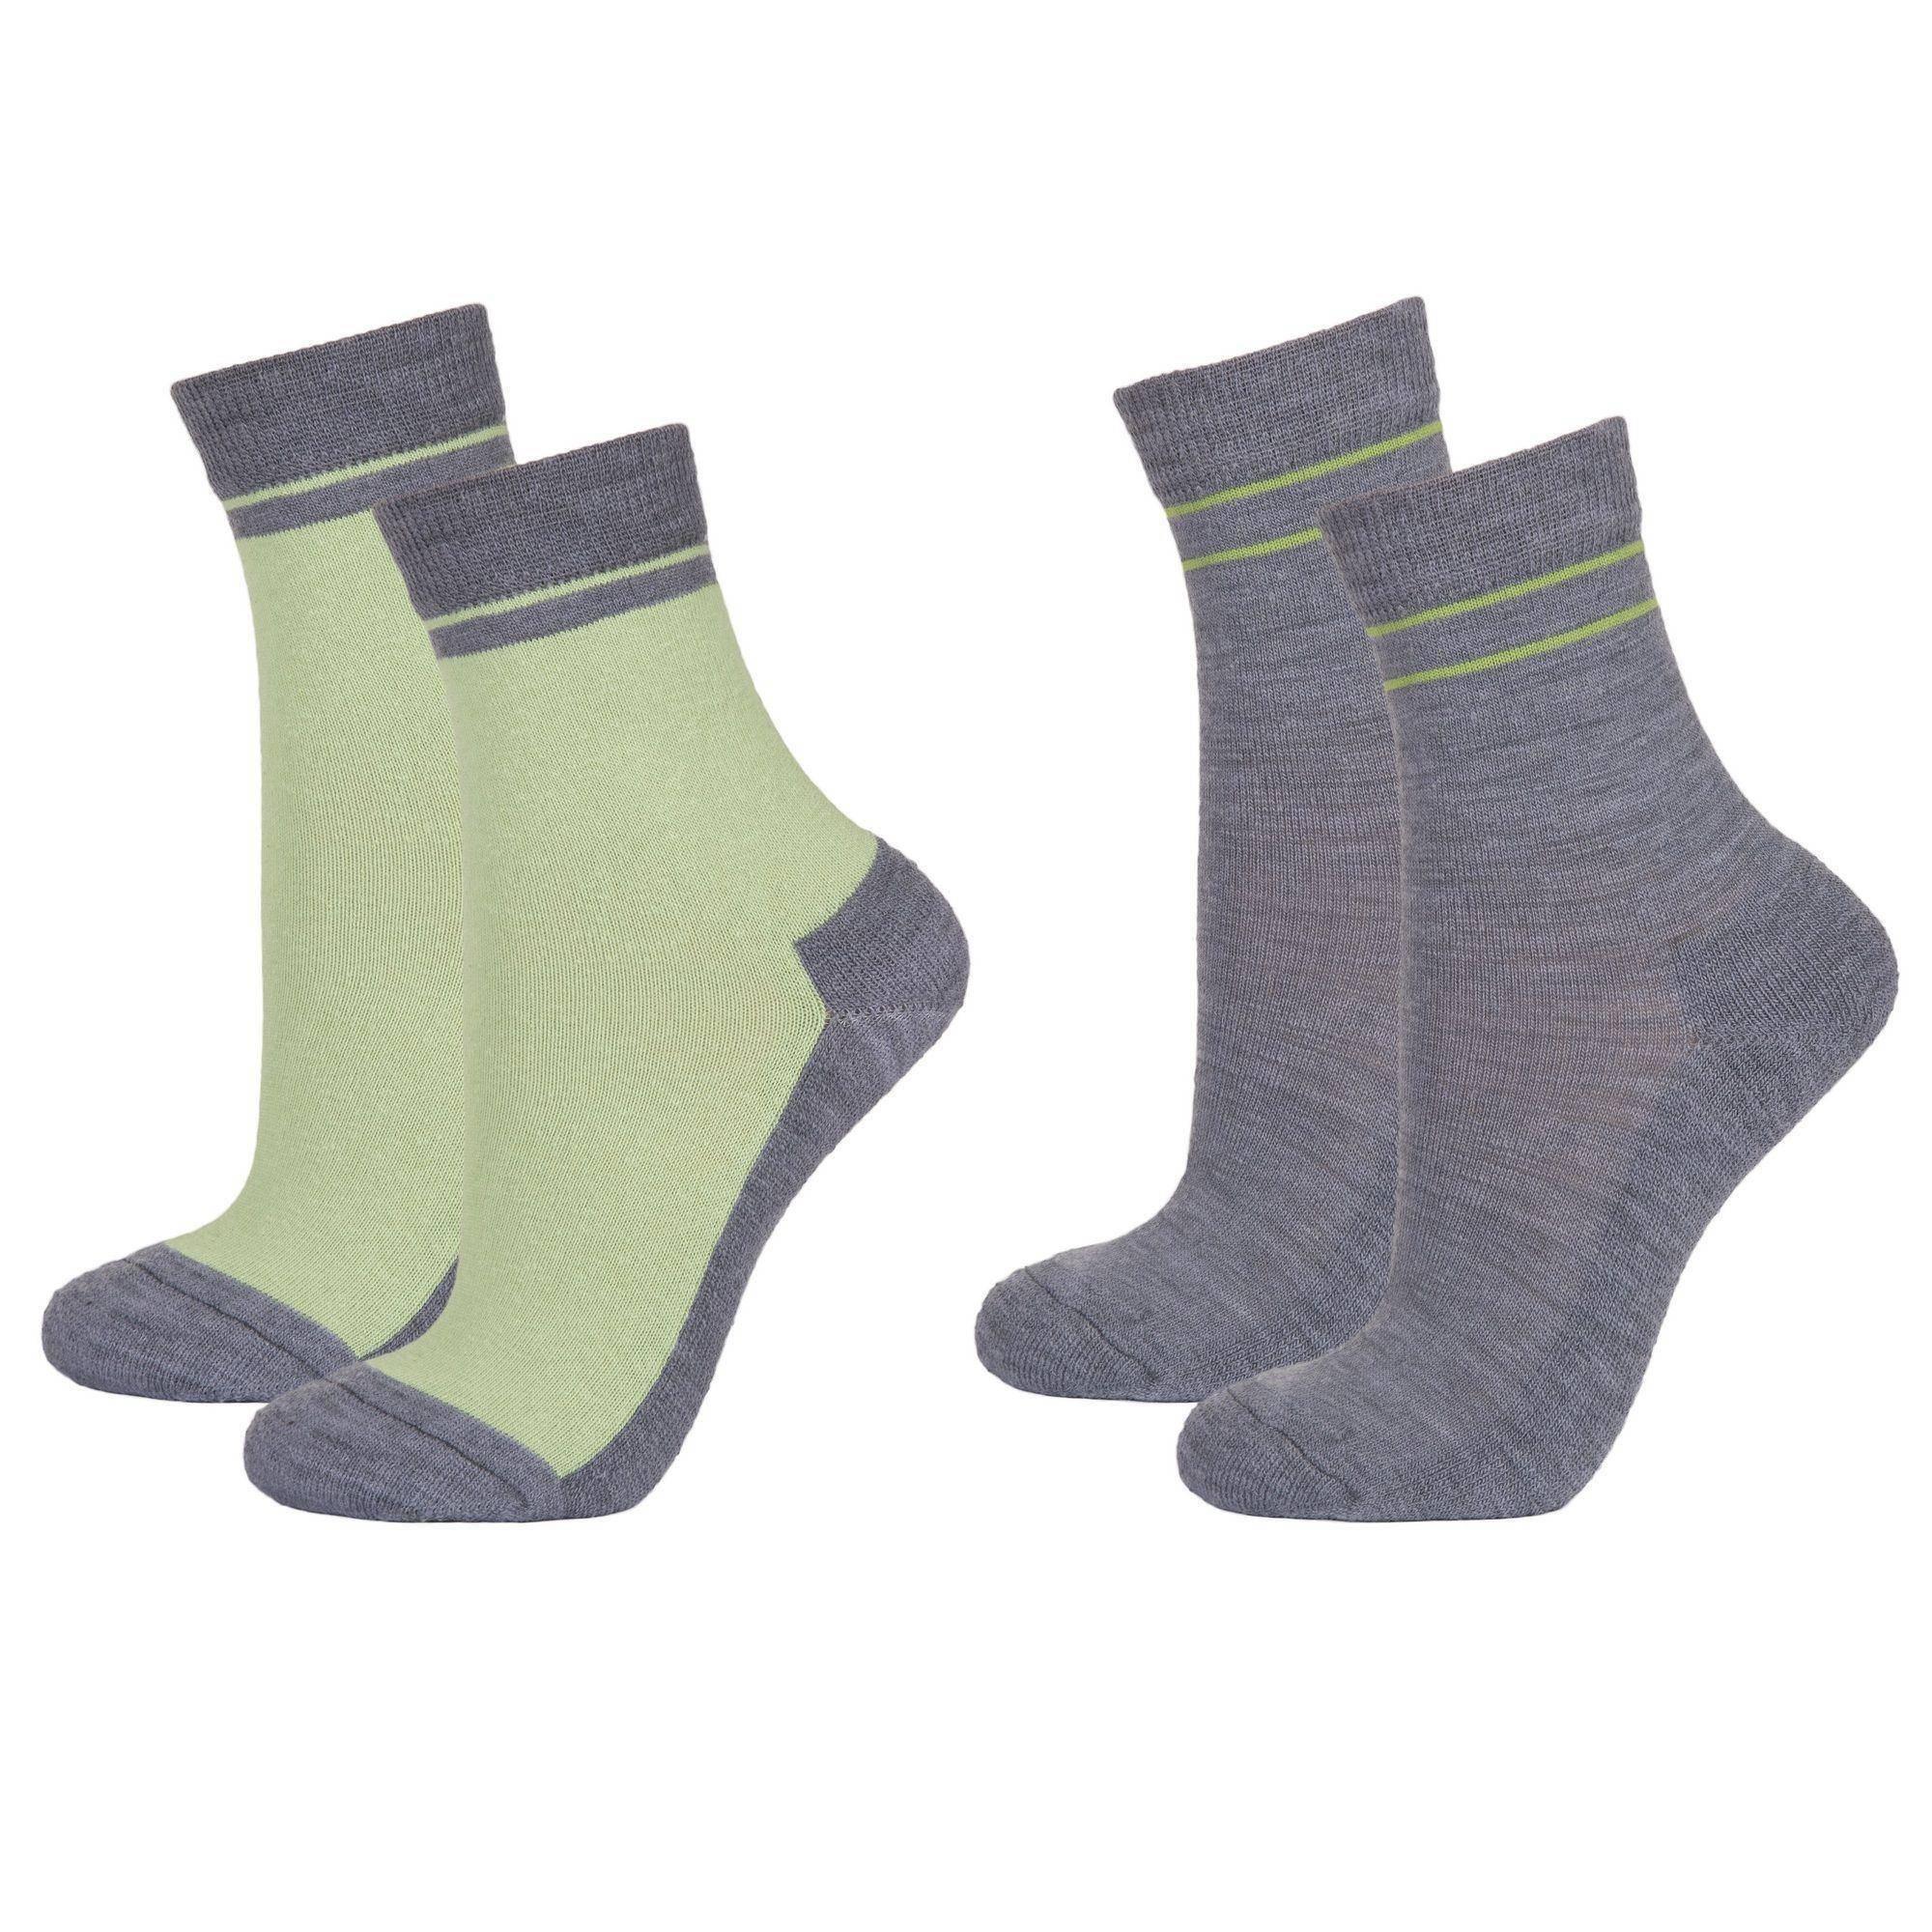 Детские шерстяные носки Janus цвет зеленый, серый